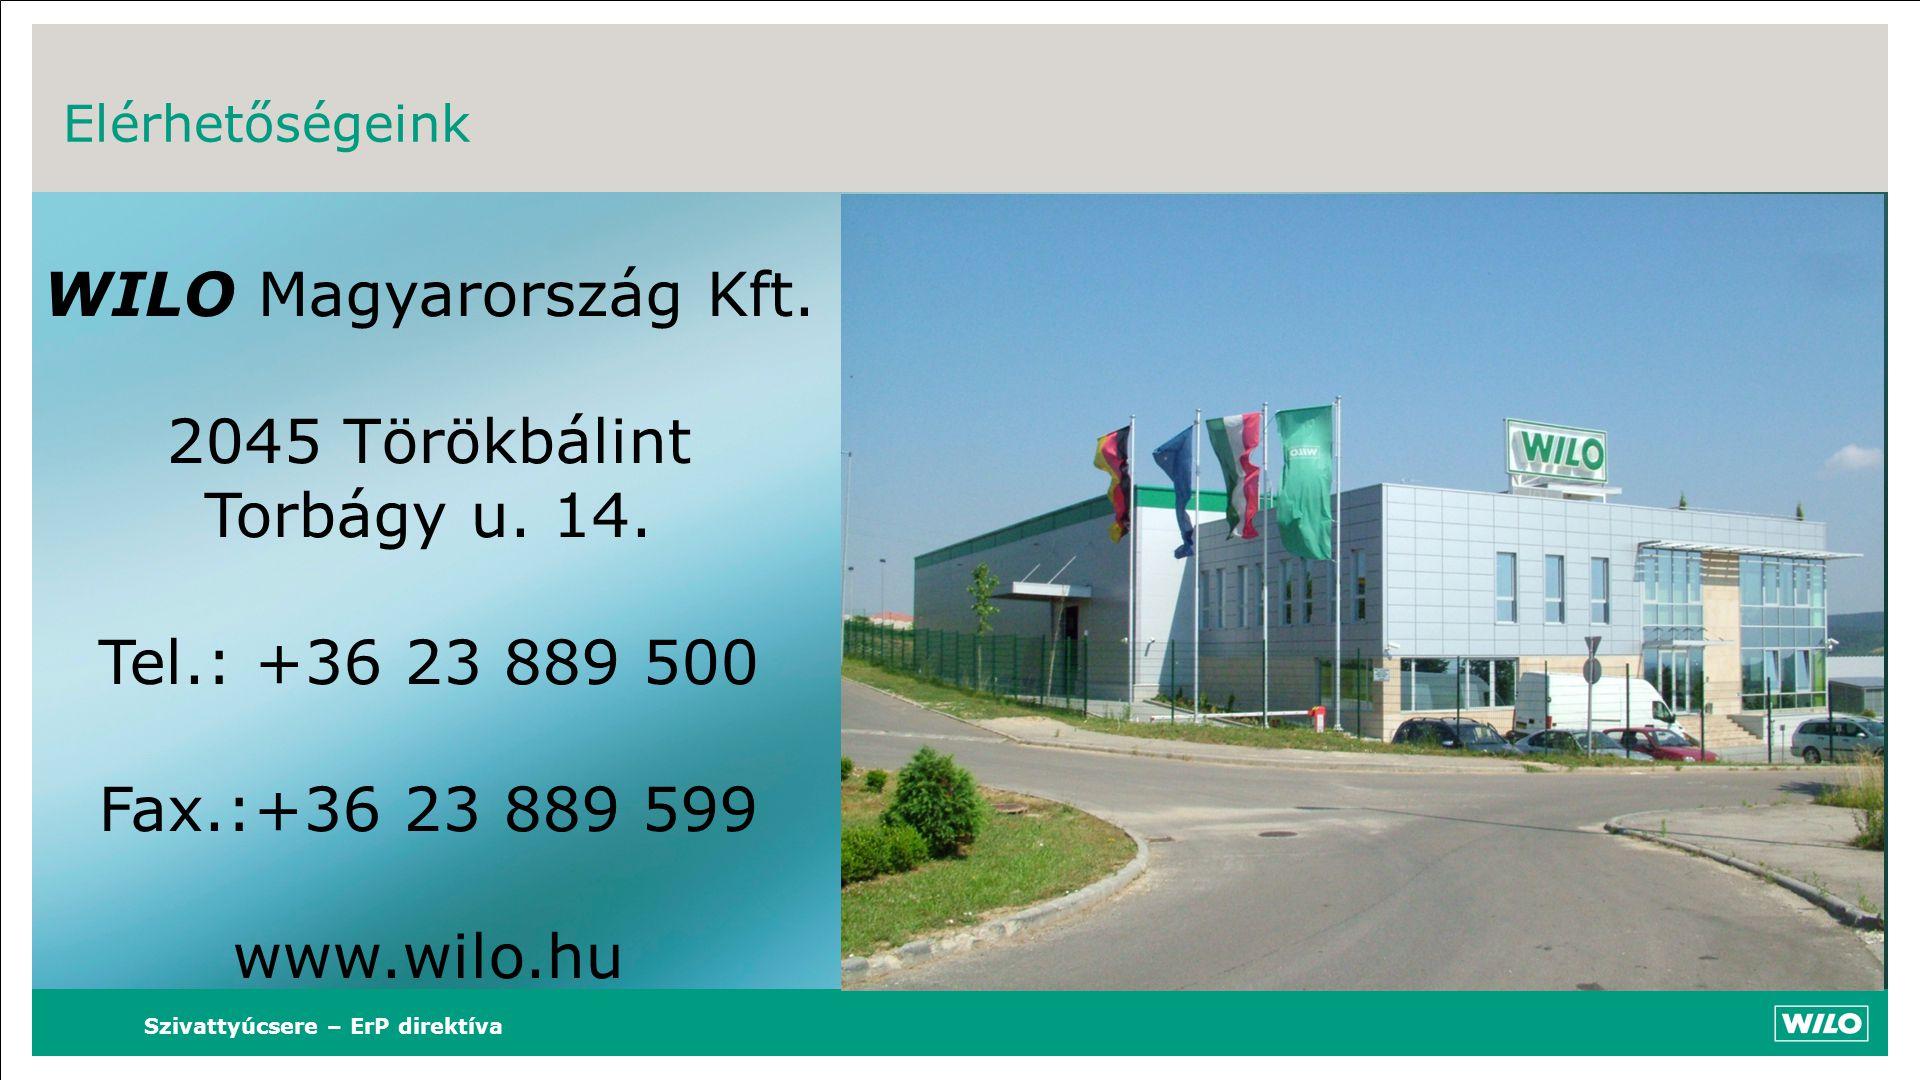 Szivattyúcsere – ErP direktíva Elérhetőségeink WILO Magyarország Kft. 2045 Törökbálint Torbágy u. 14. Tel.: +36 23 889 500 Fax.:+36 23 889 599 www.wil